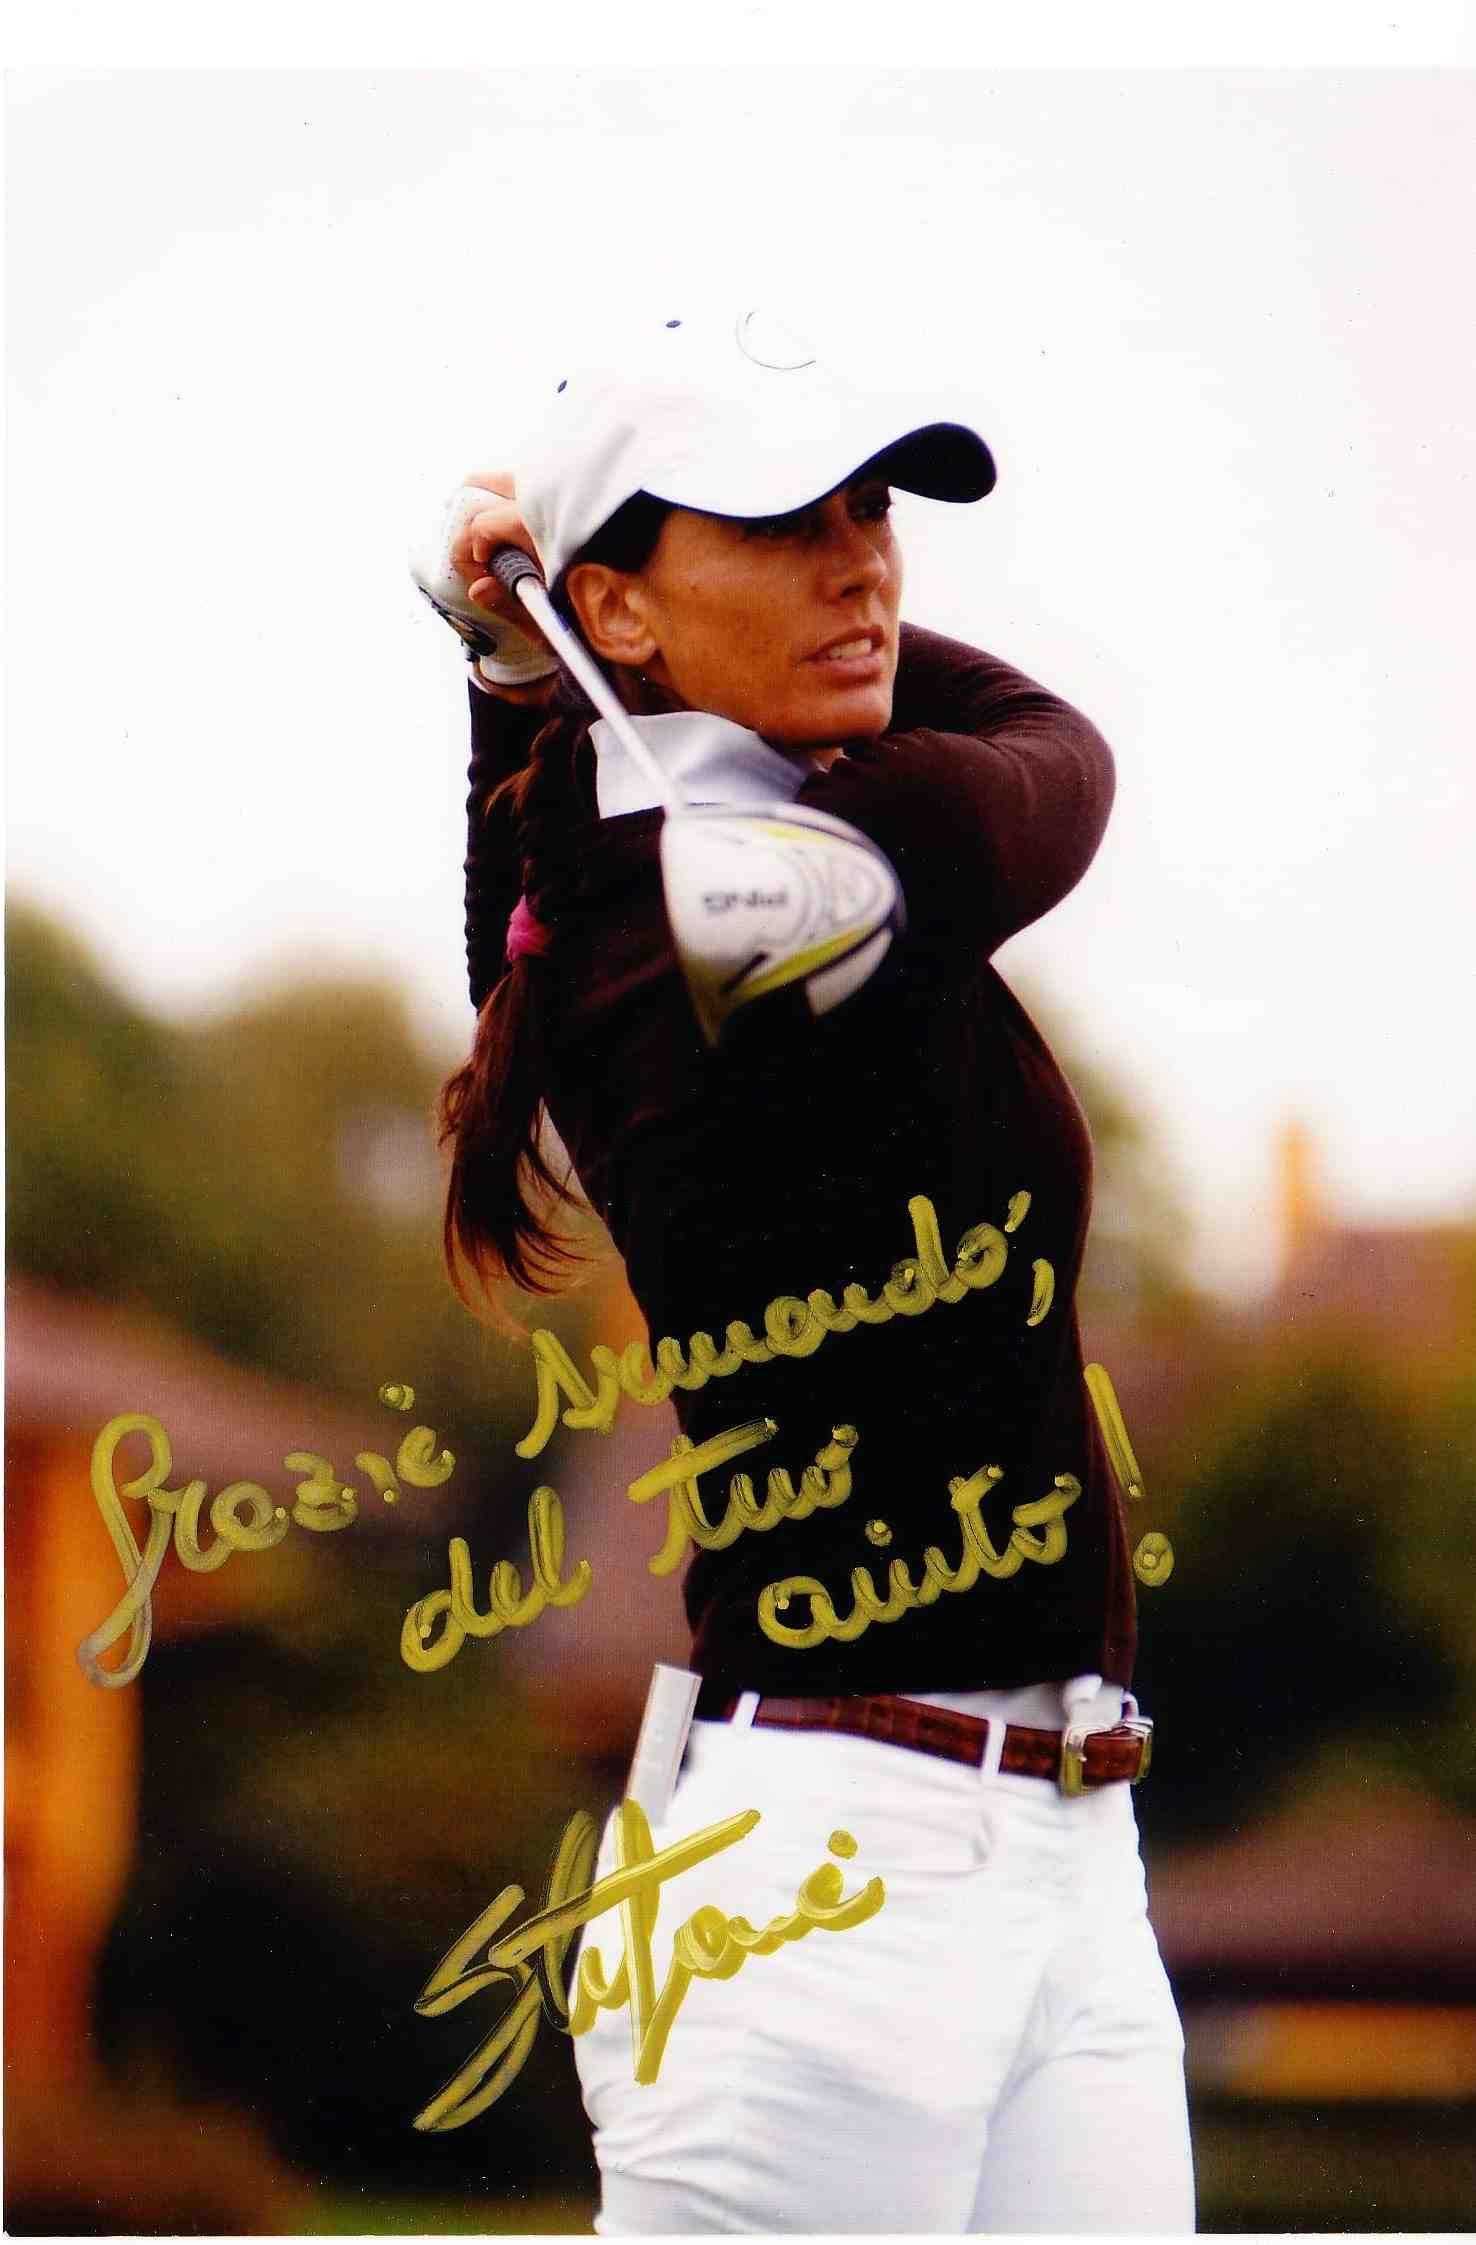 Grazie Armando del tuo aiuto: il gradito messaggio avuto da Stefania Croce a fine stagione 2011 dopo il lavoro di psicologia del golf fatto e i brillanti risultati ottenuti